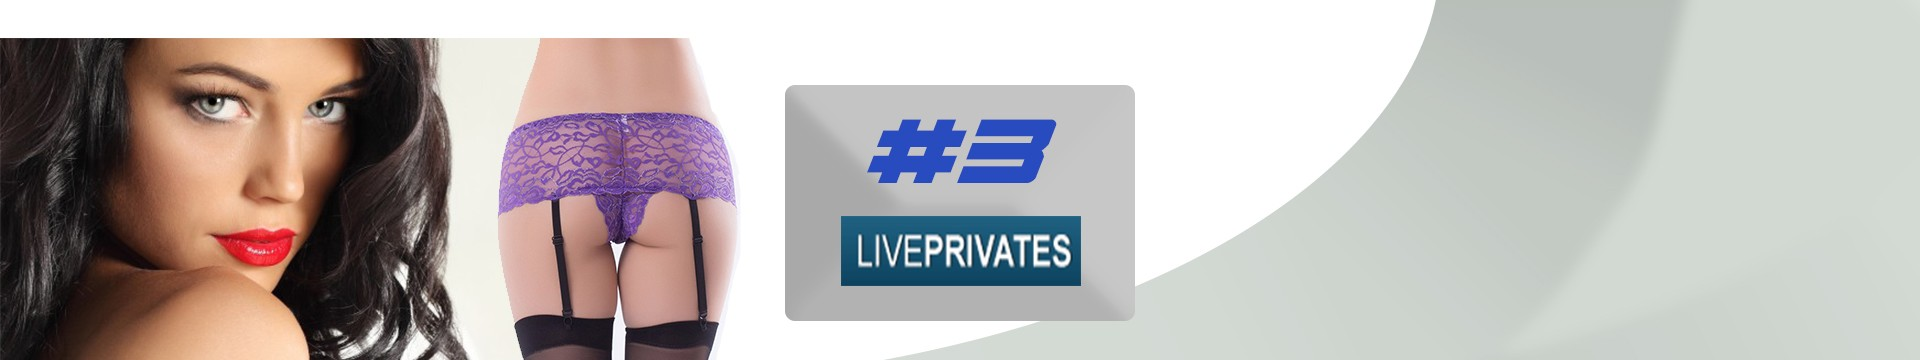 Live Privates